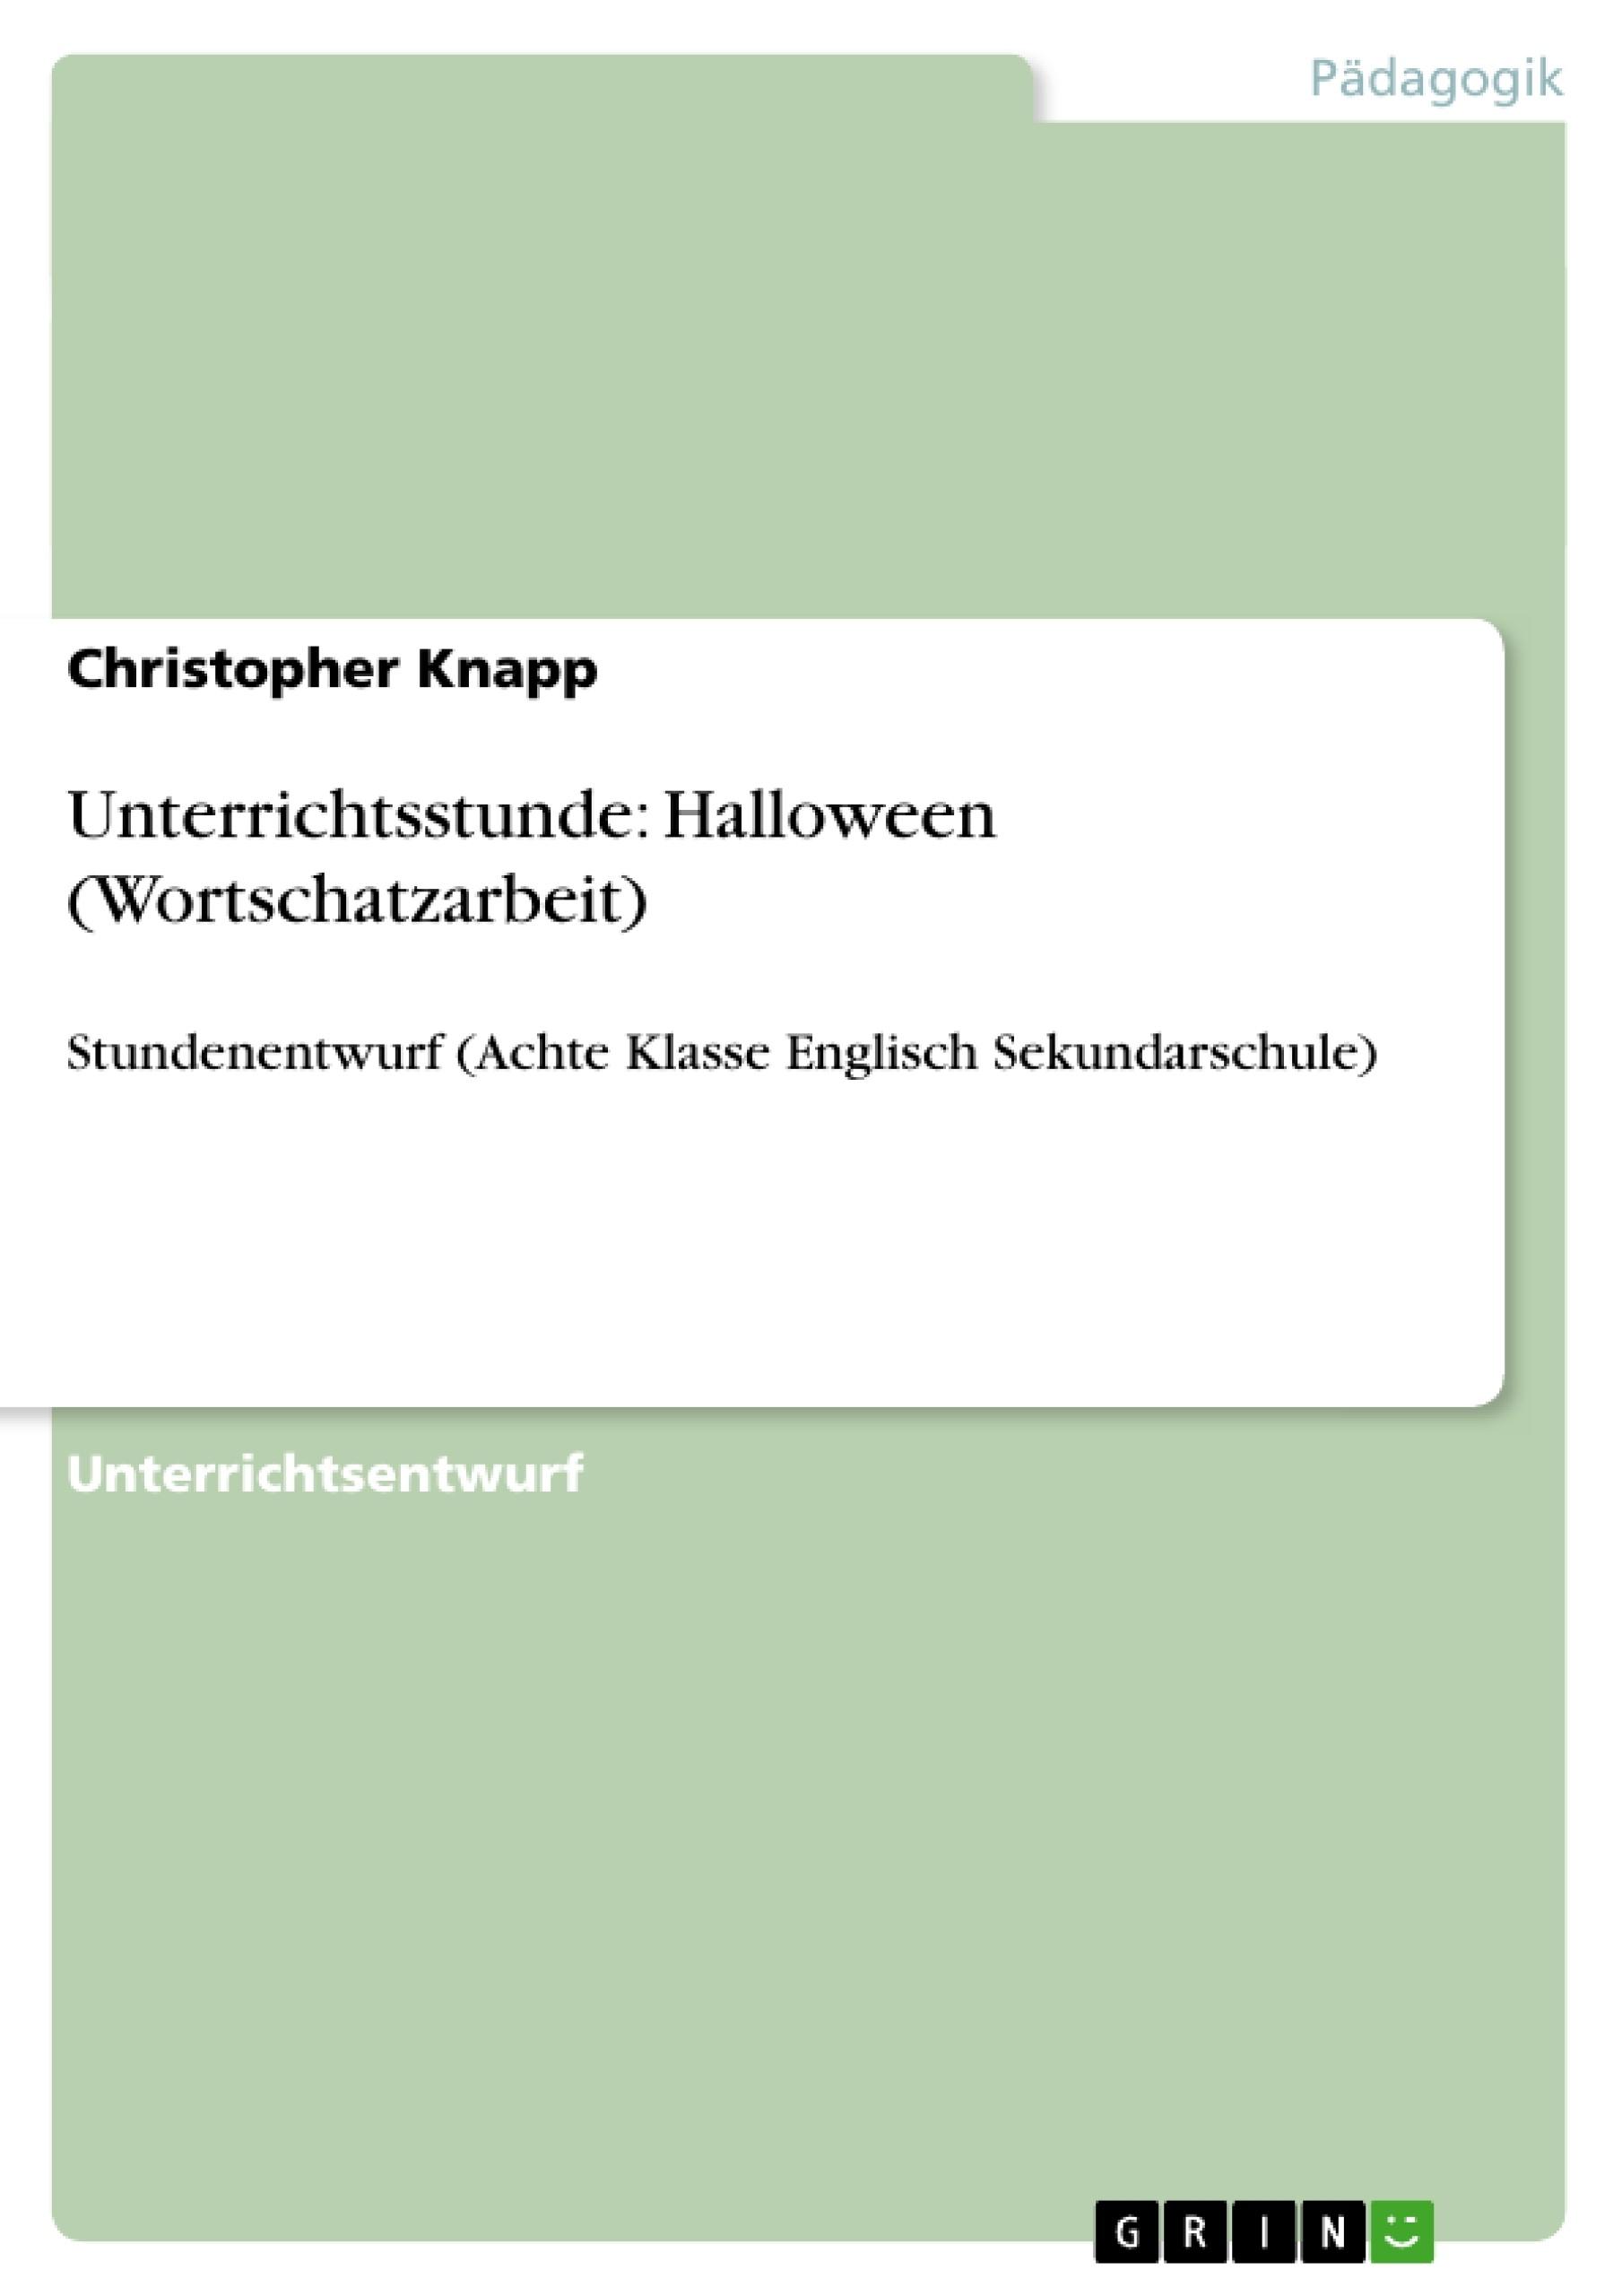 Titel: Unterrichtsstunde: Halloween (Wortschatzarbeit)